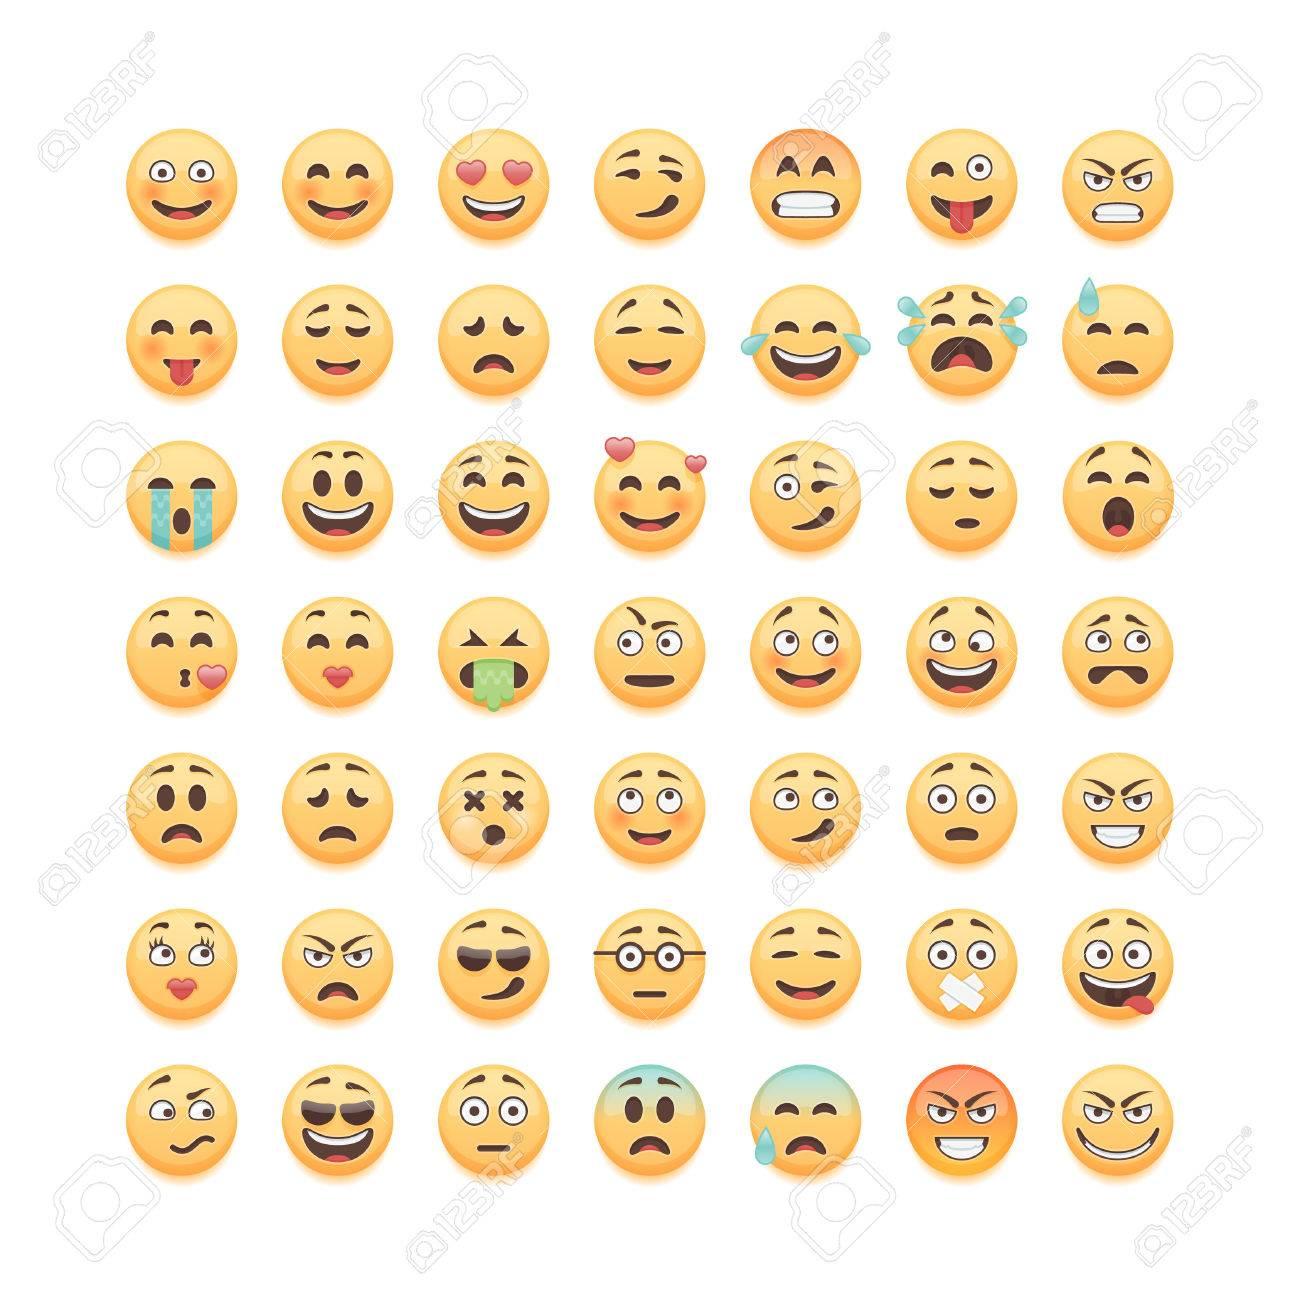 Set of emoticons, emoji isolated on white background, vector illustration. - 56722665